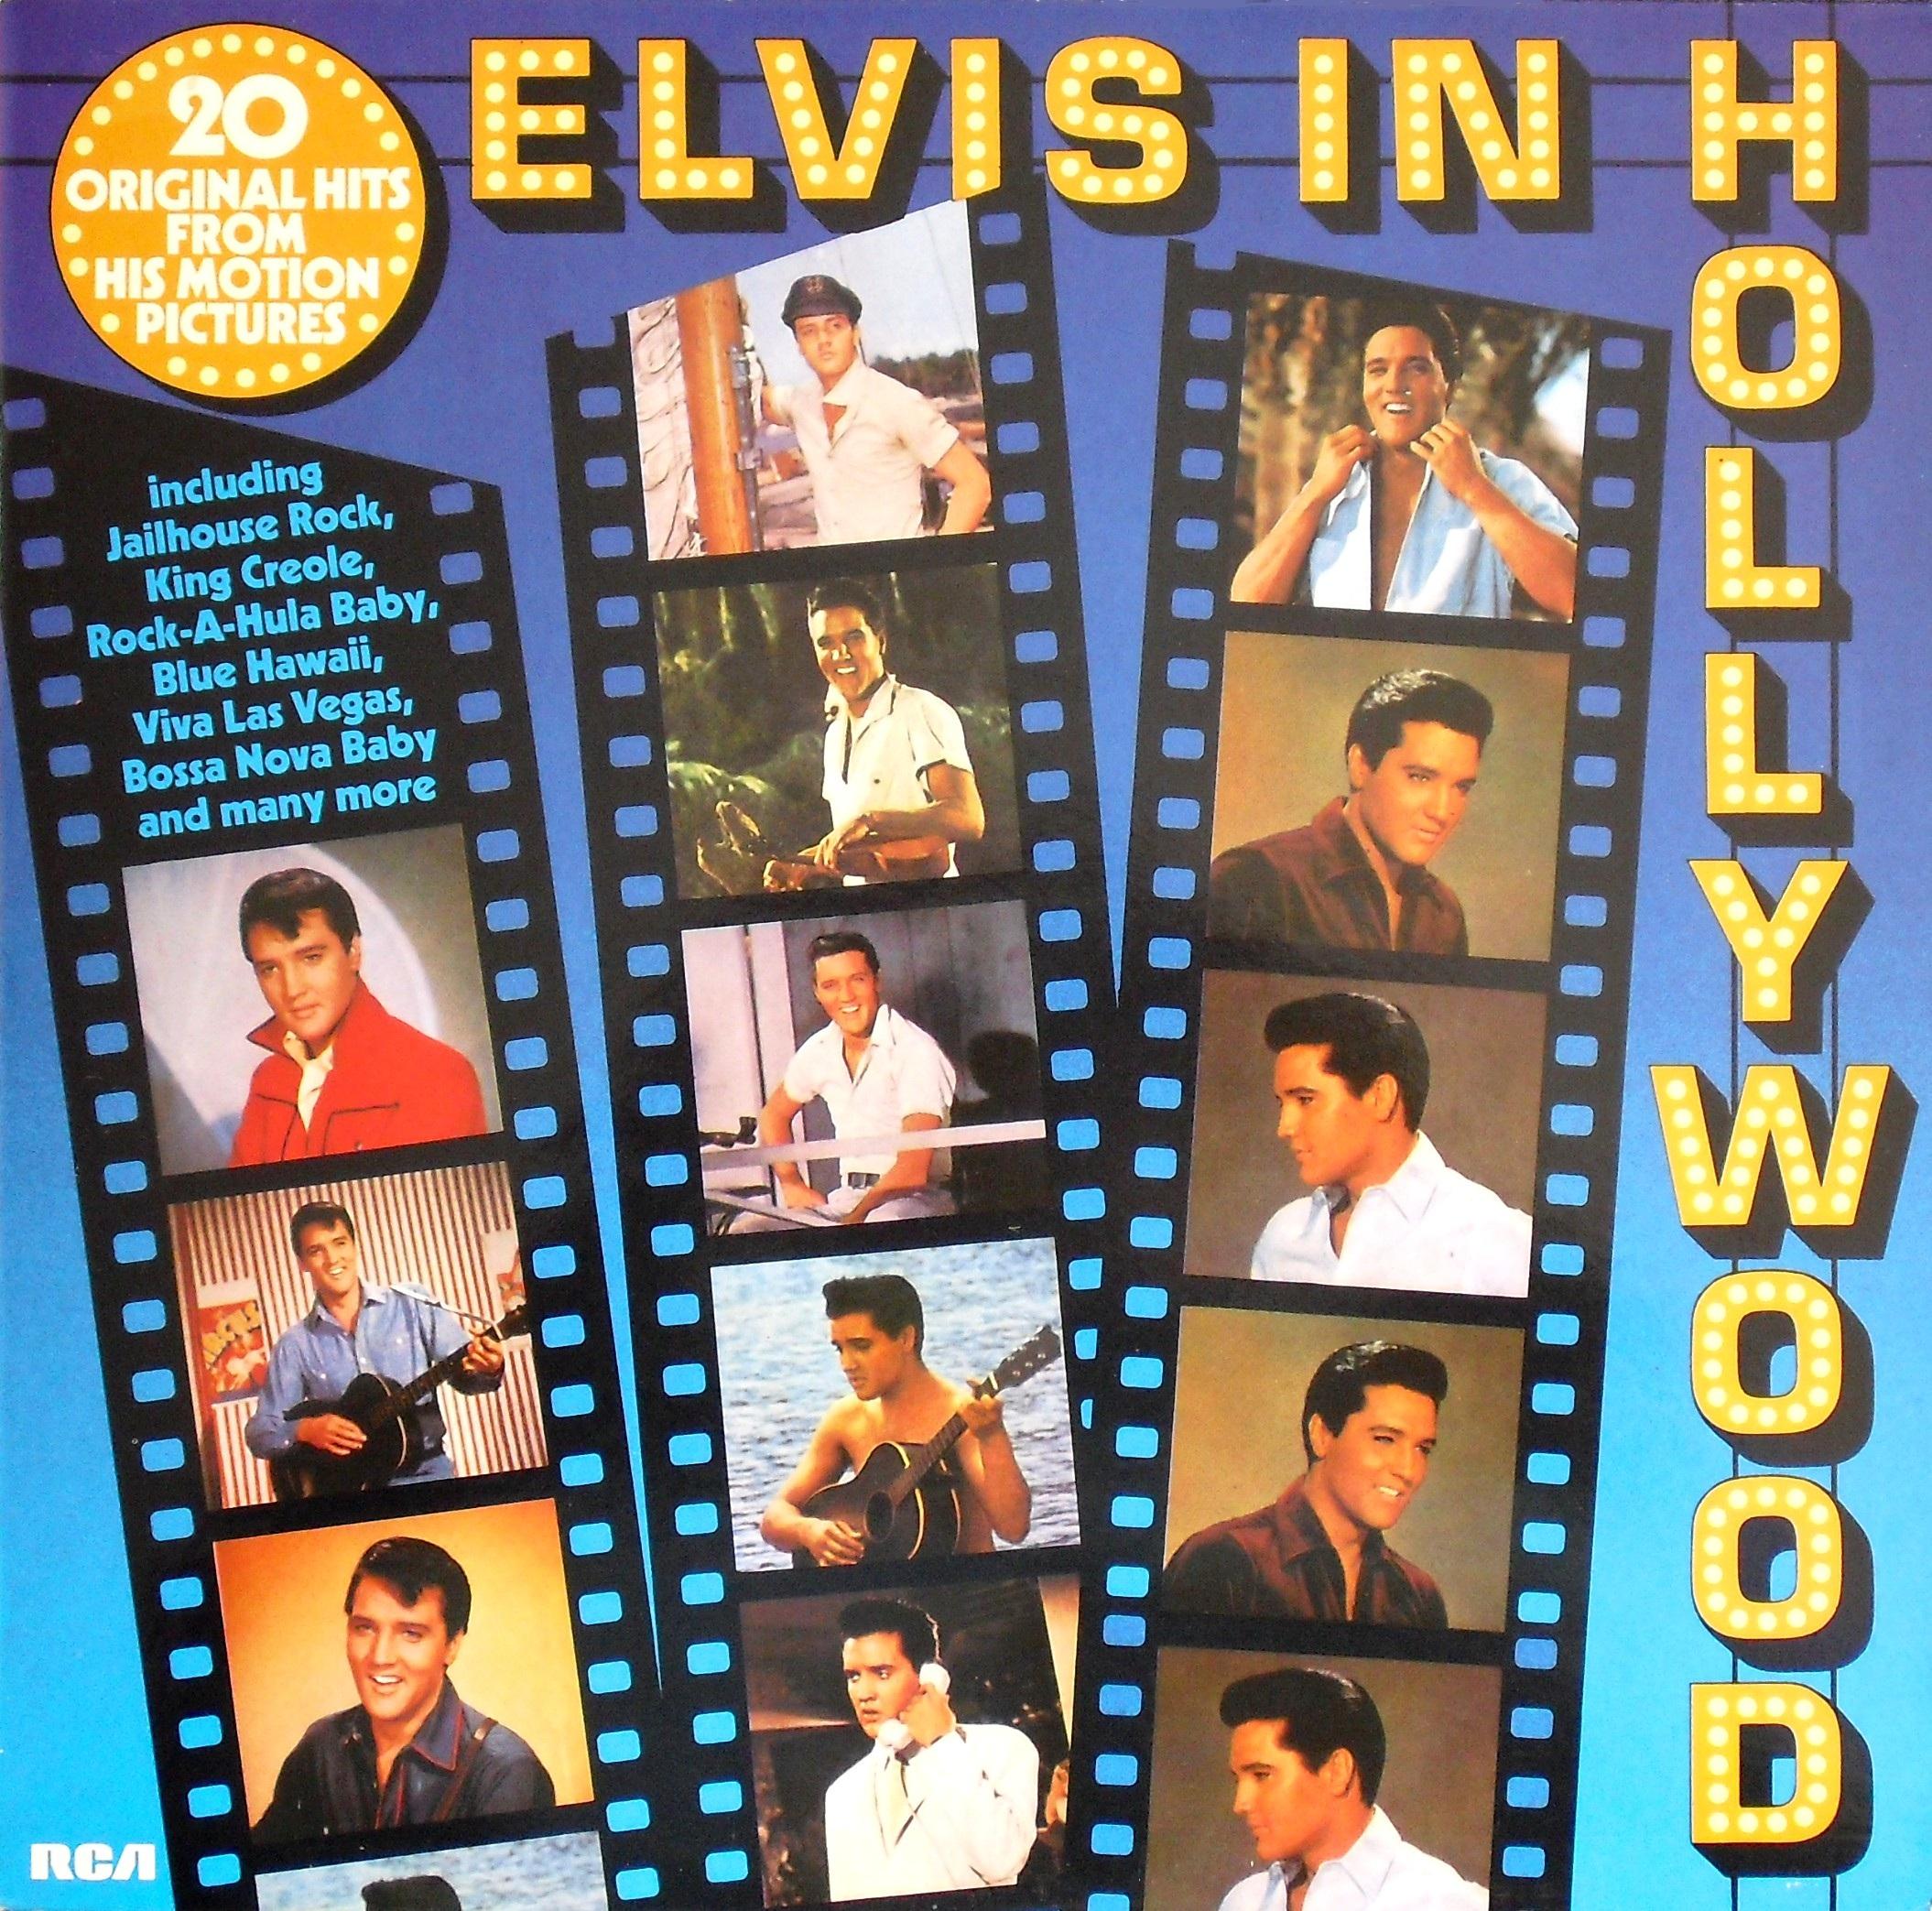 ELVIS IN HOLLYWOOD 019jy6u